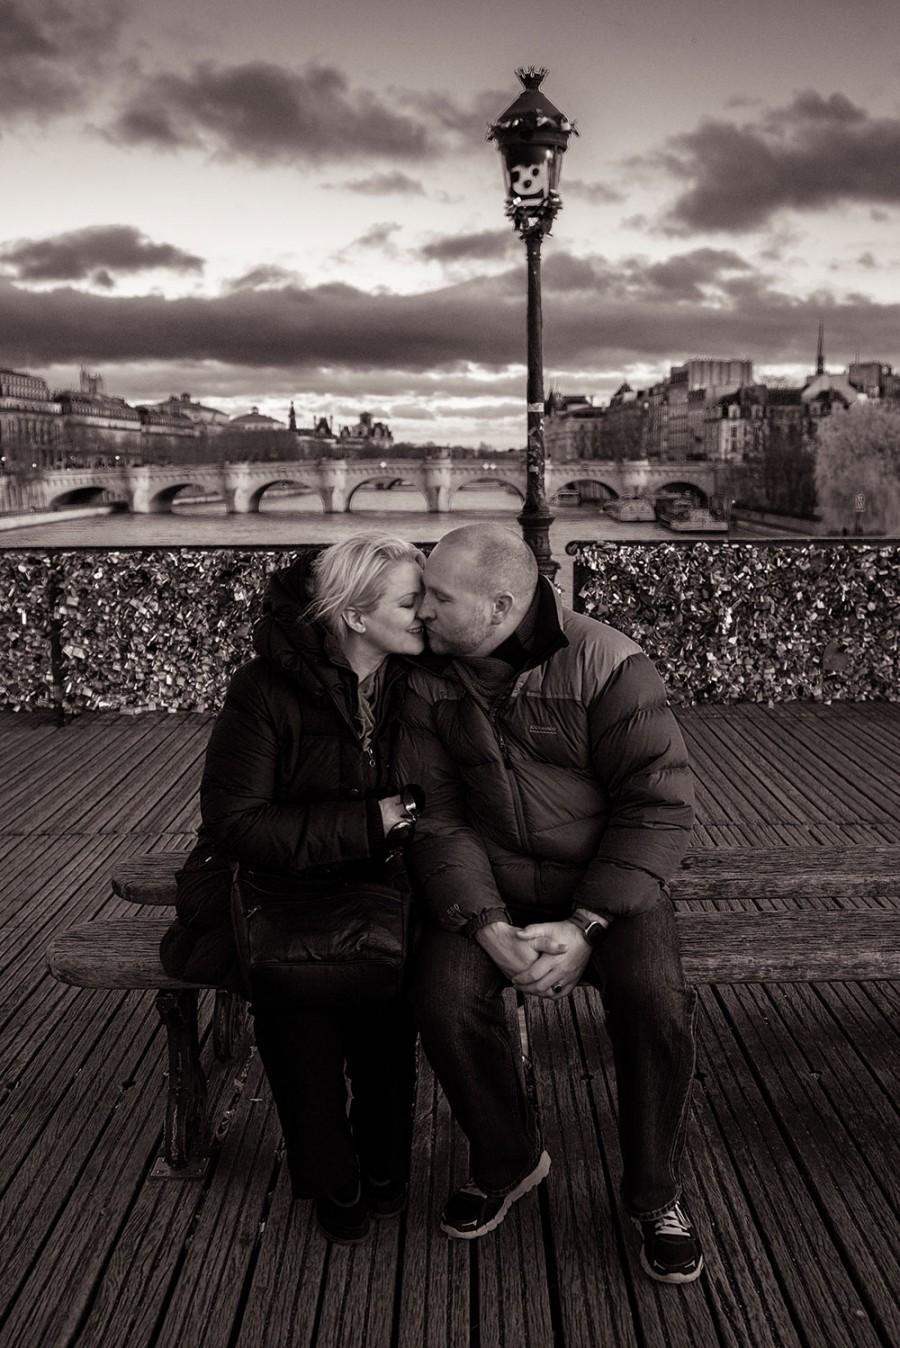 Wedding - Honeymoon Photography in Europe